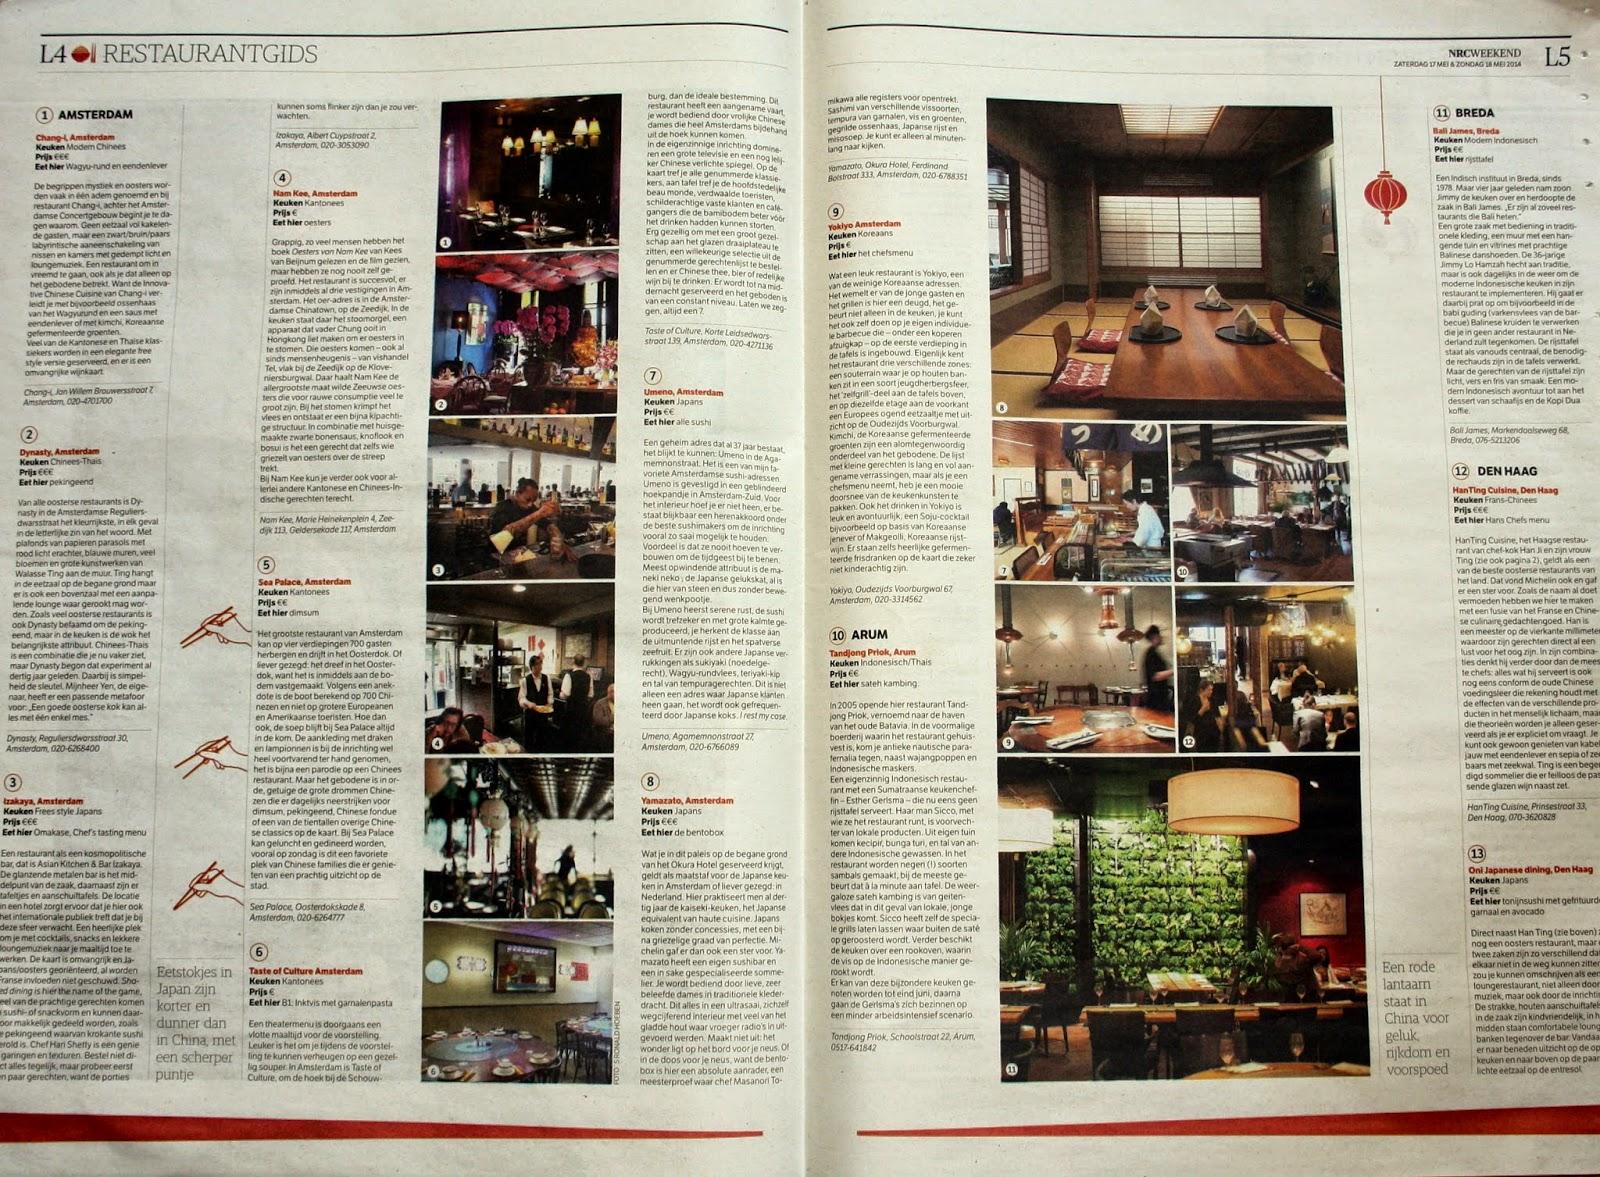 Nrc lux de 25 beste aziatische restaurants restaurantgids ...